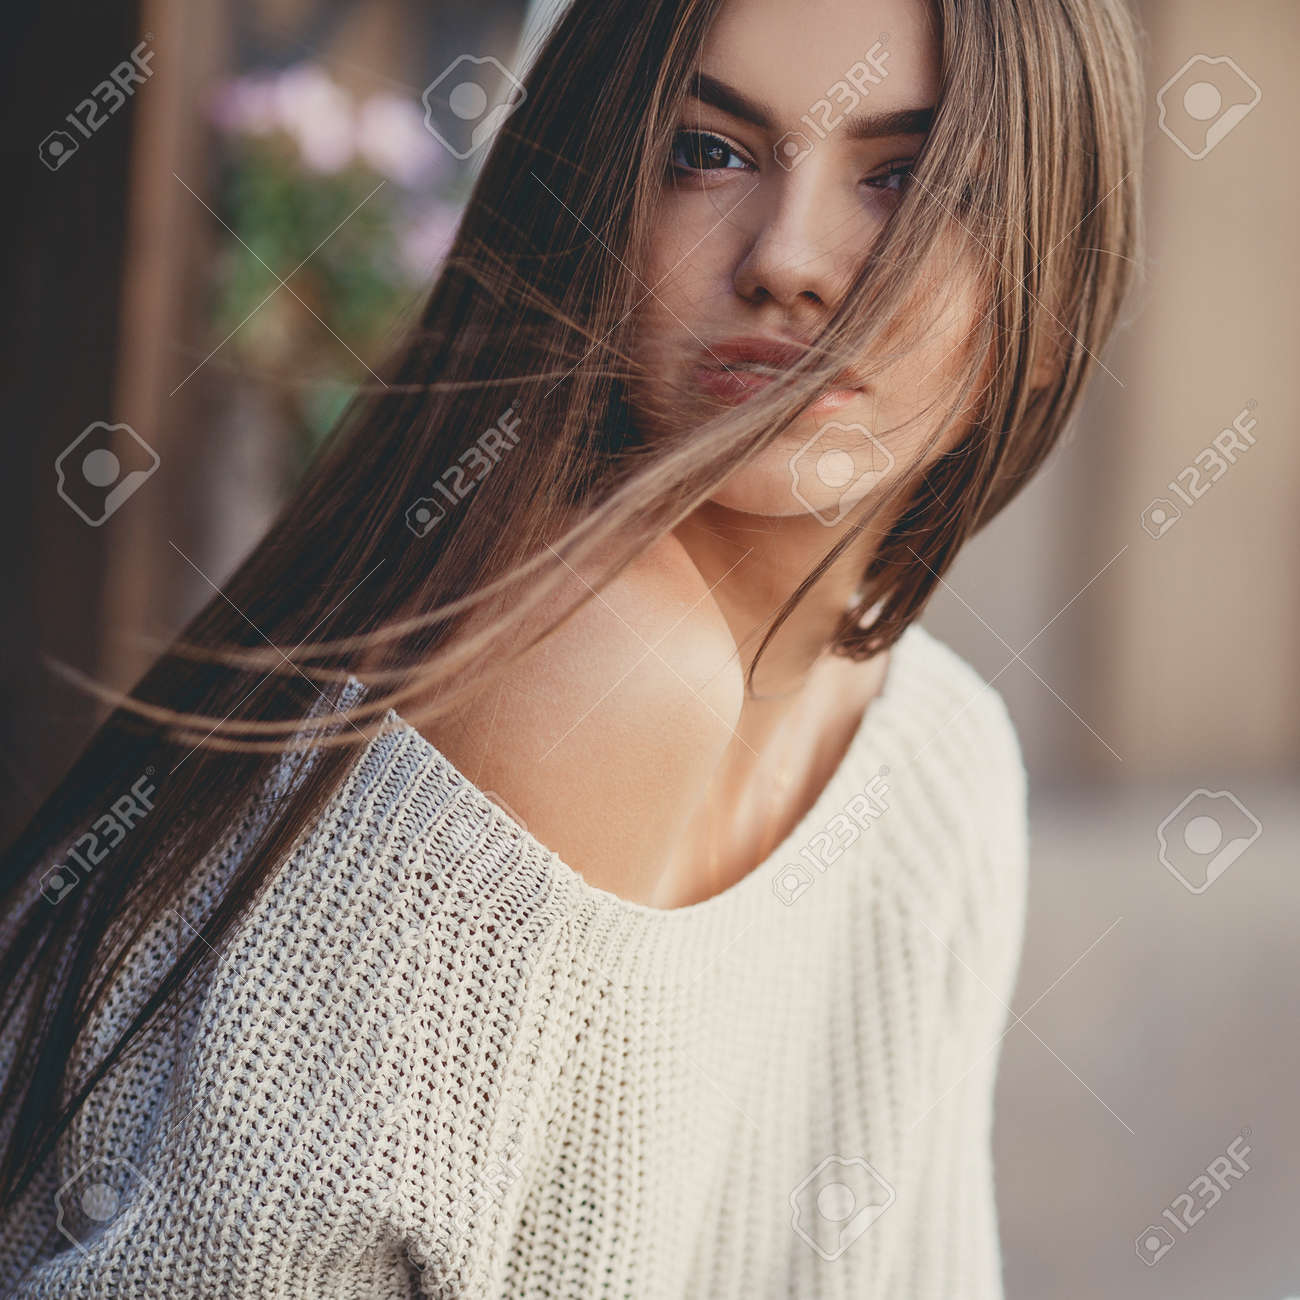 Banque d images - Portrait d automne d une belle jeune femme, élégante,  mince, belle femme, brune aux cheveux longs, vêtu d un chandail blanc  posant pour un ... e2e8950c4d0c